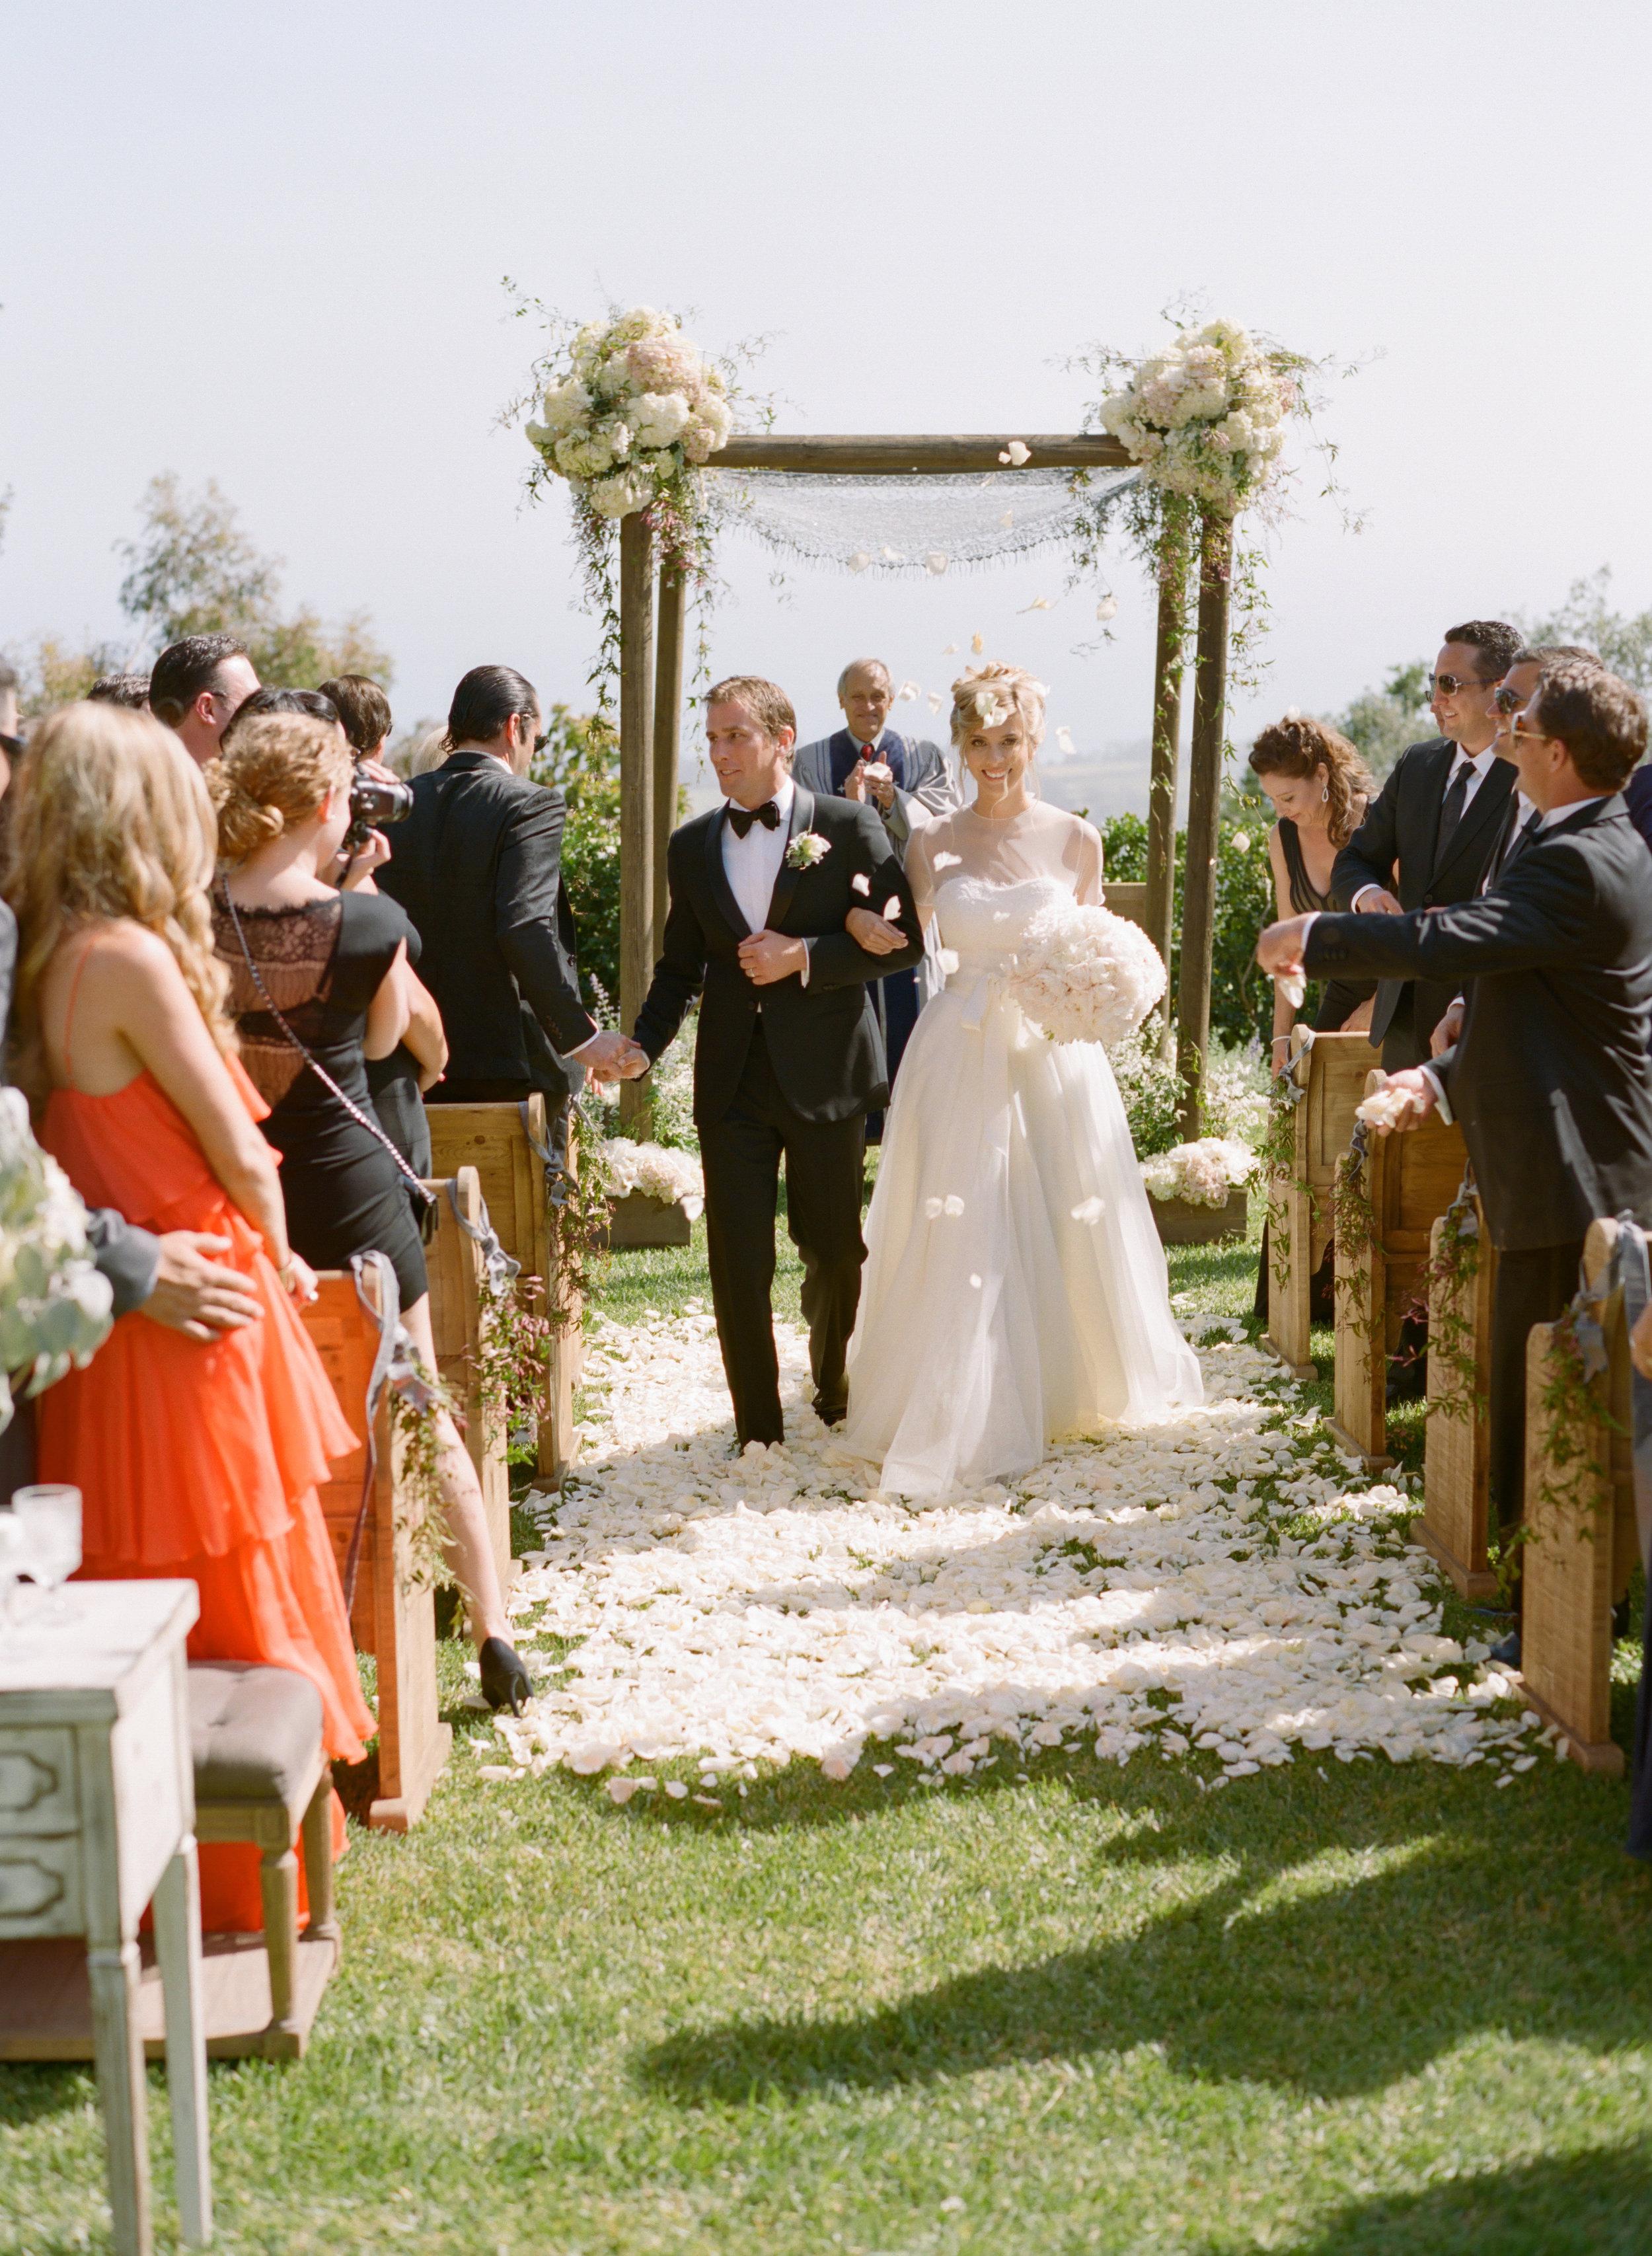 Private Estate Spring Wedding, Santa Barbara